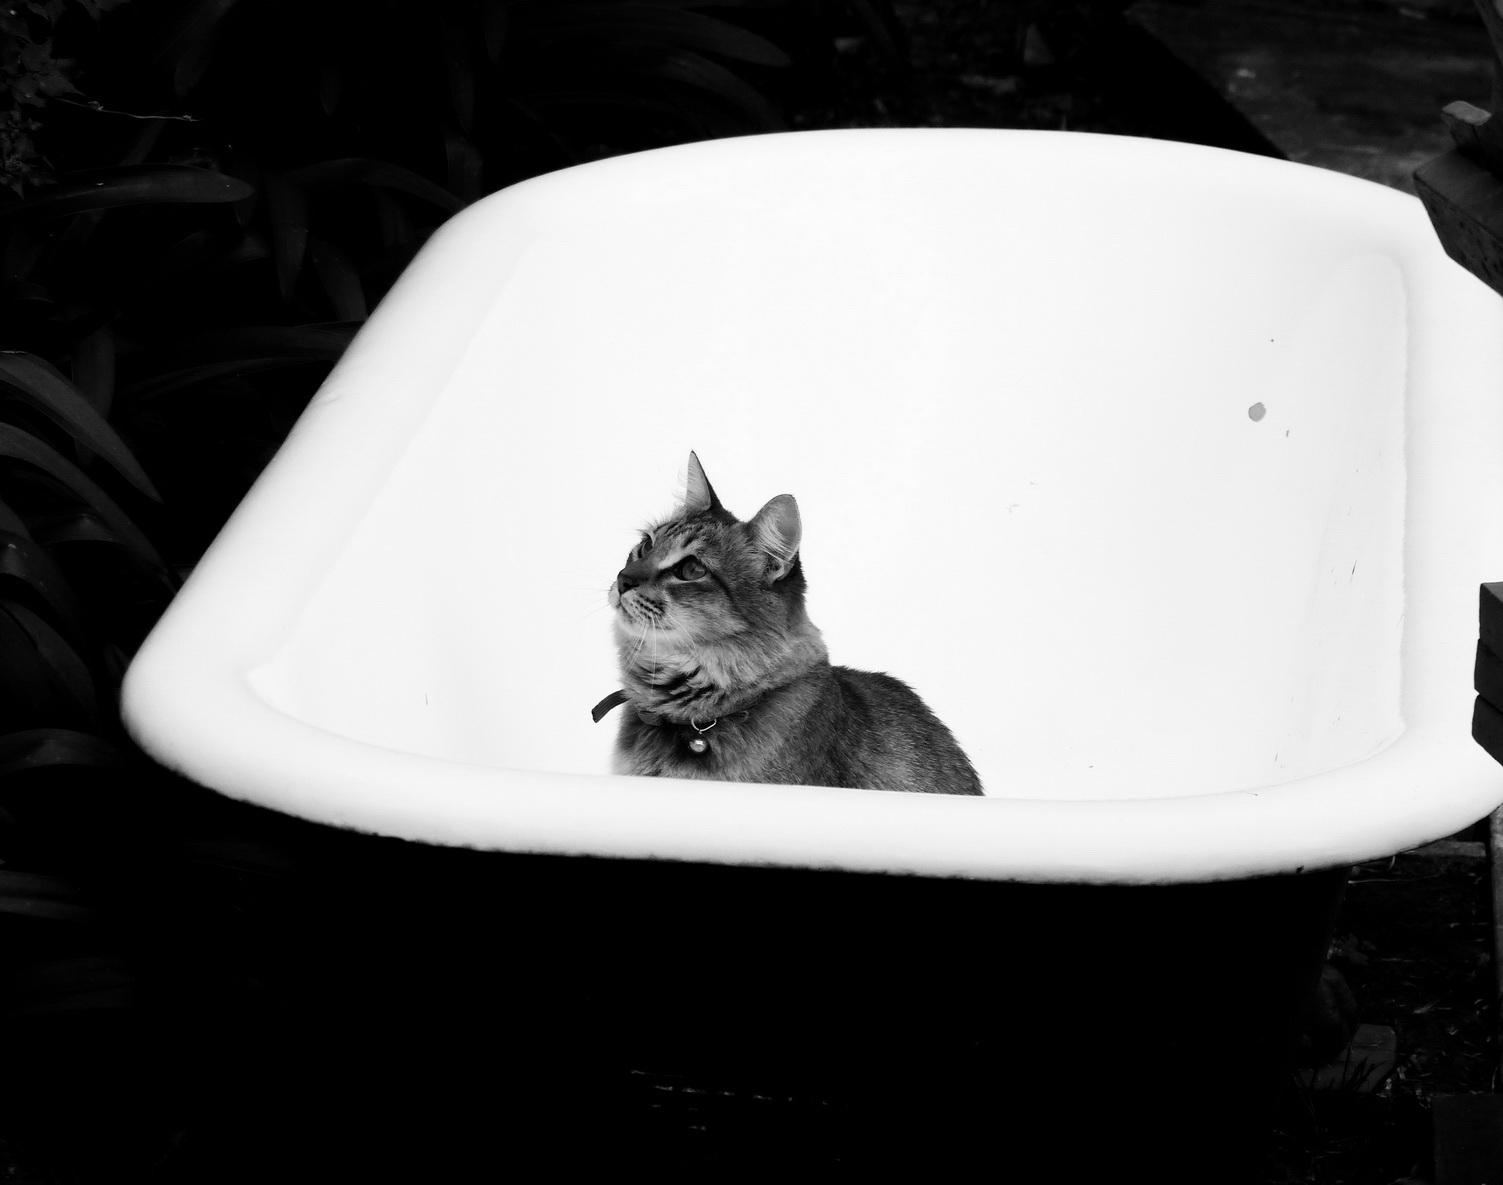 Gata Nina Suricata en bañera en estado de atención galáctica zen. Por AMILCAR MORETTI. Julio 2014. Argentina.